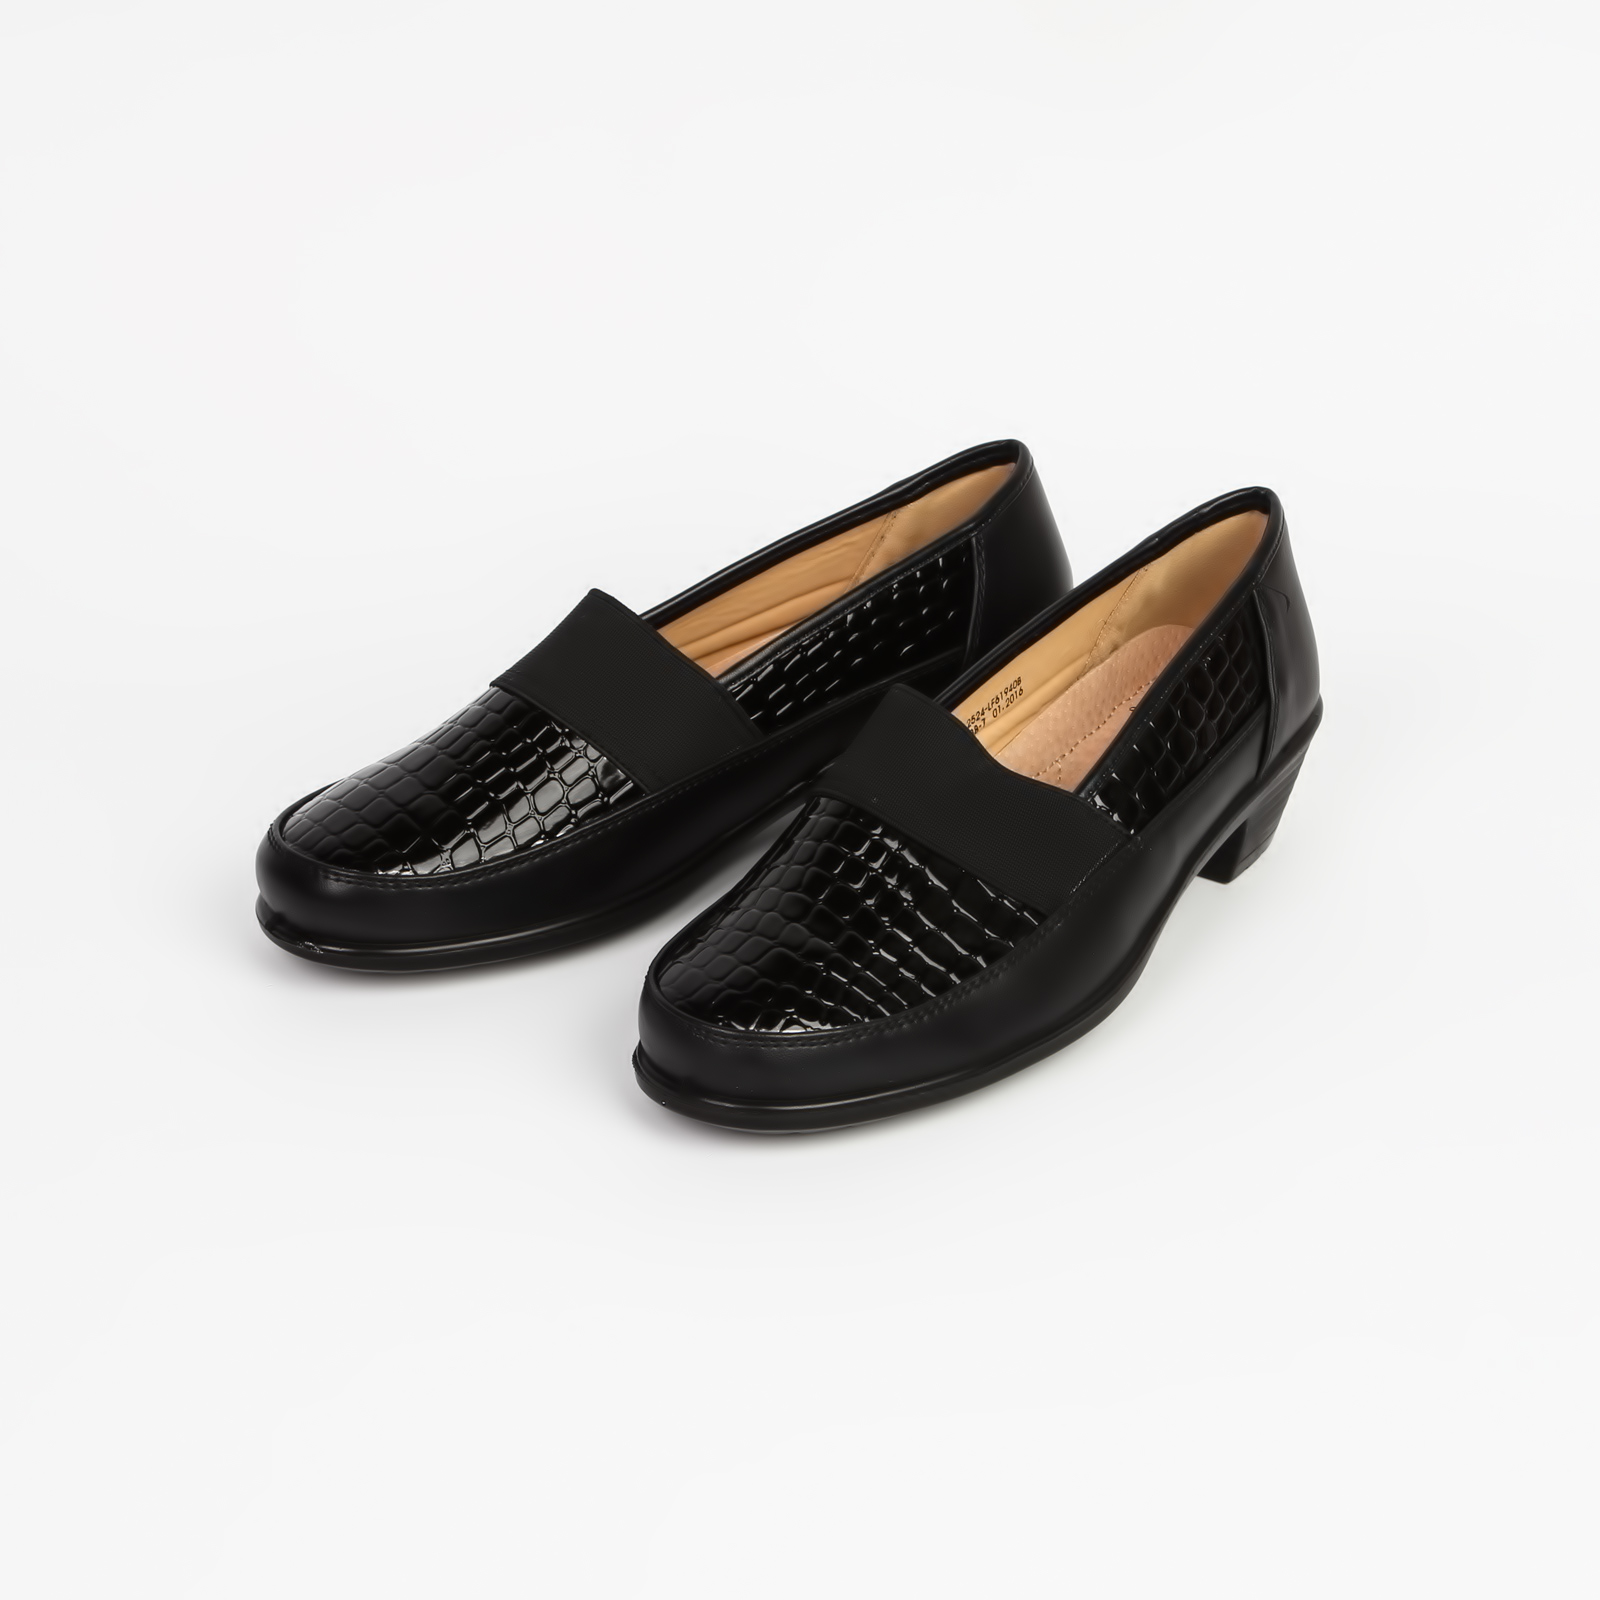 Туфли женские на невысоком каблуке с вставками под «рептилию»